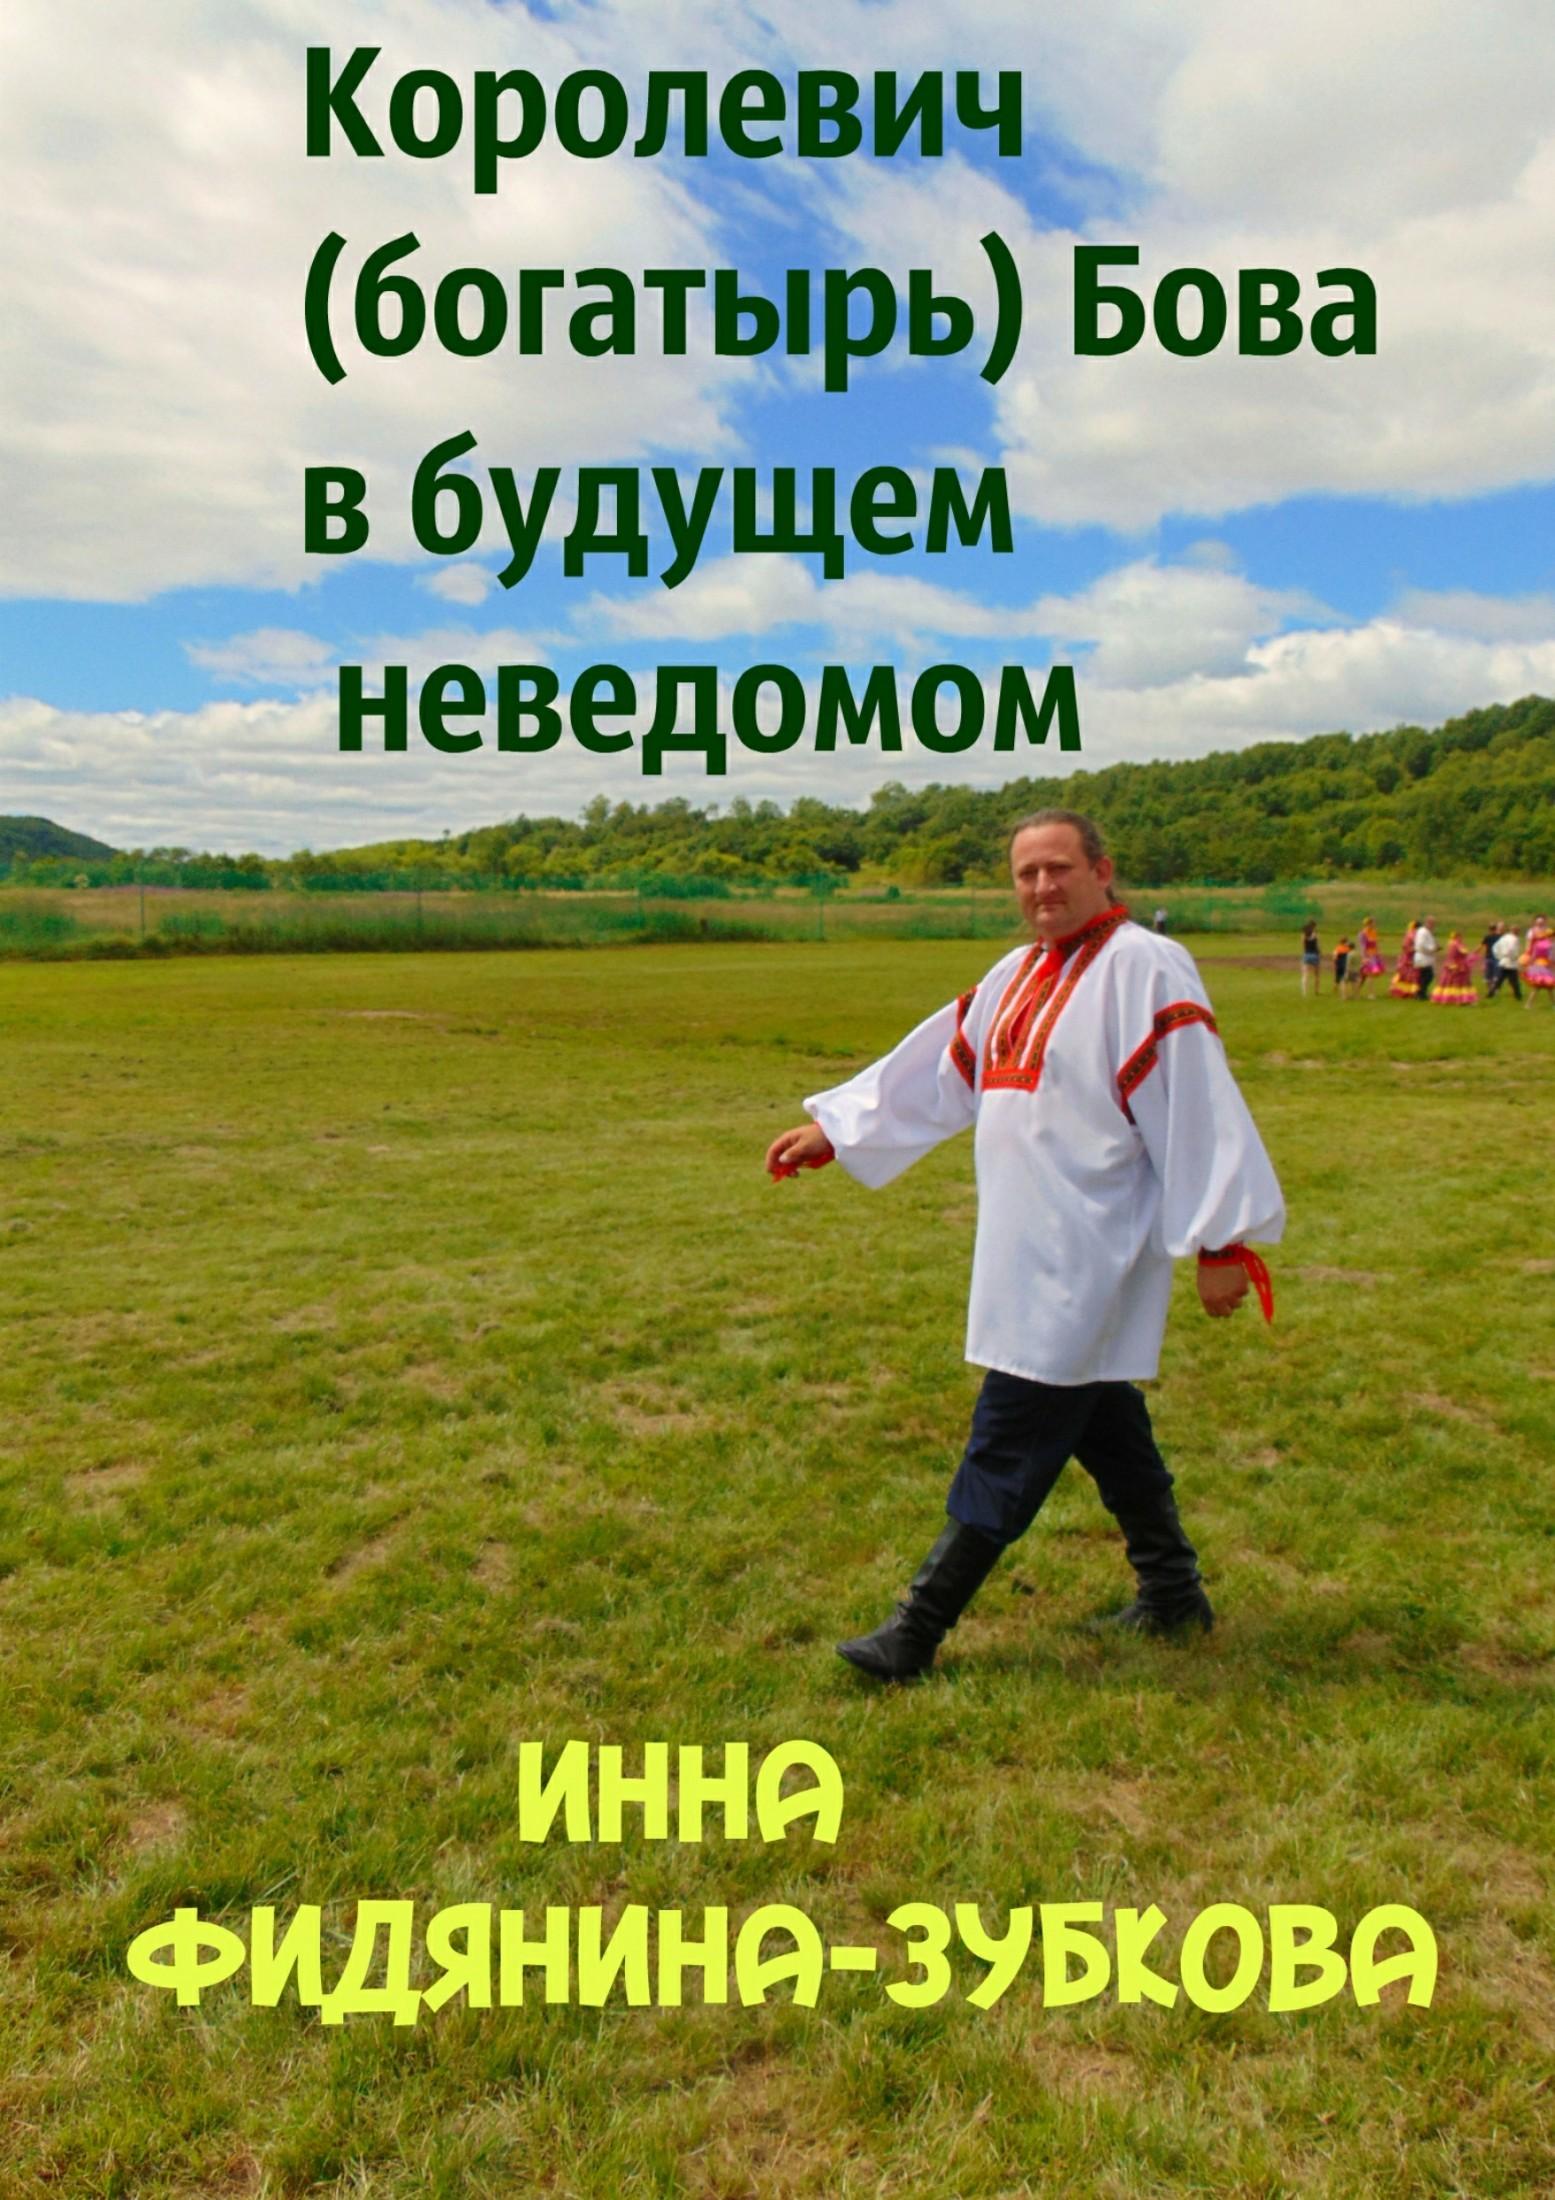 Скачать Королевич (богатырь) Бова в будущем неведомом быстро